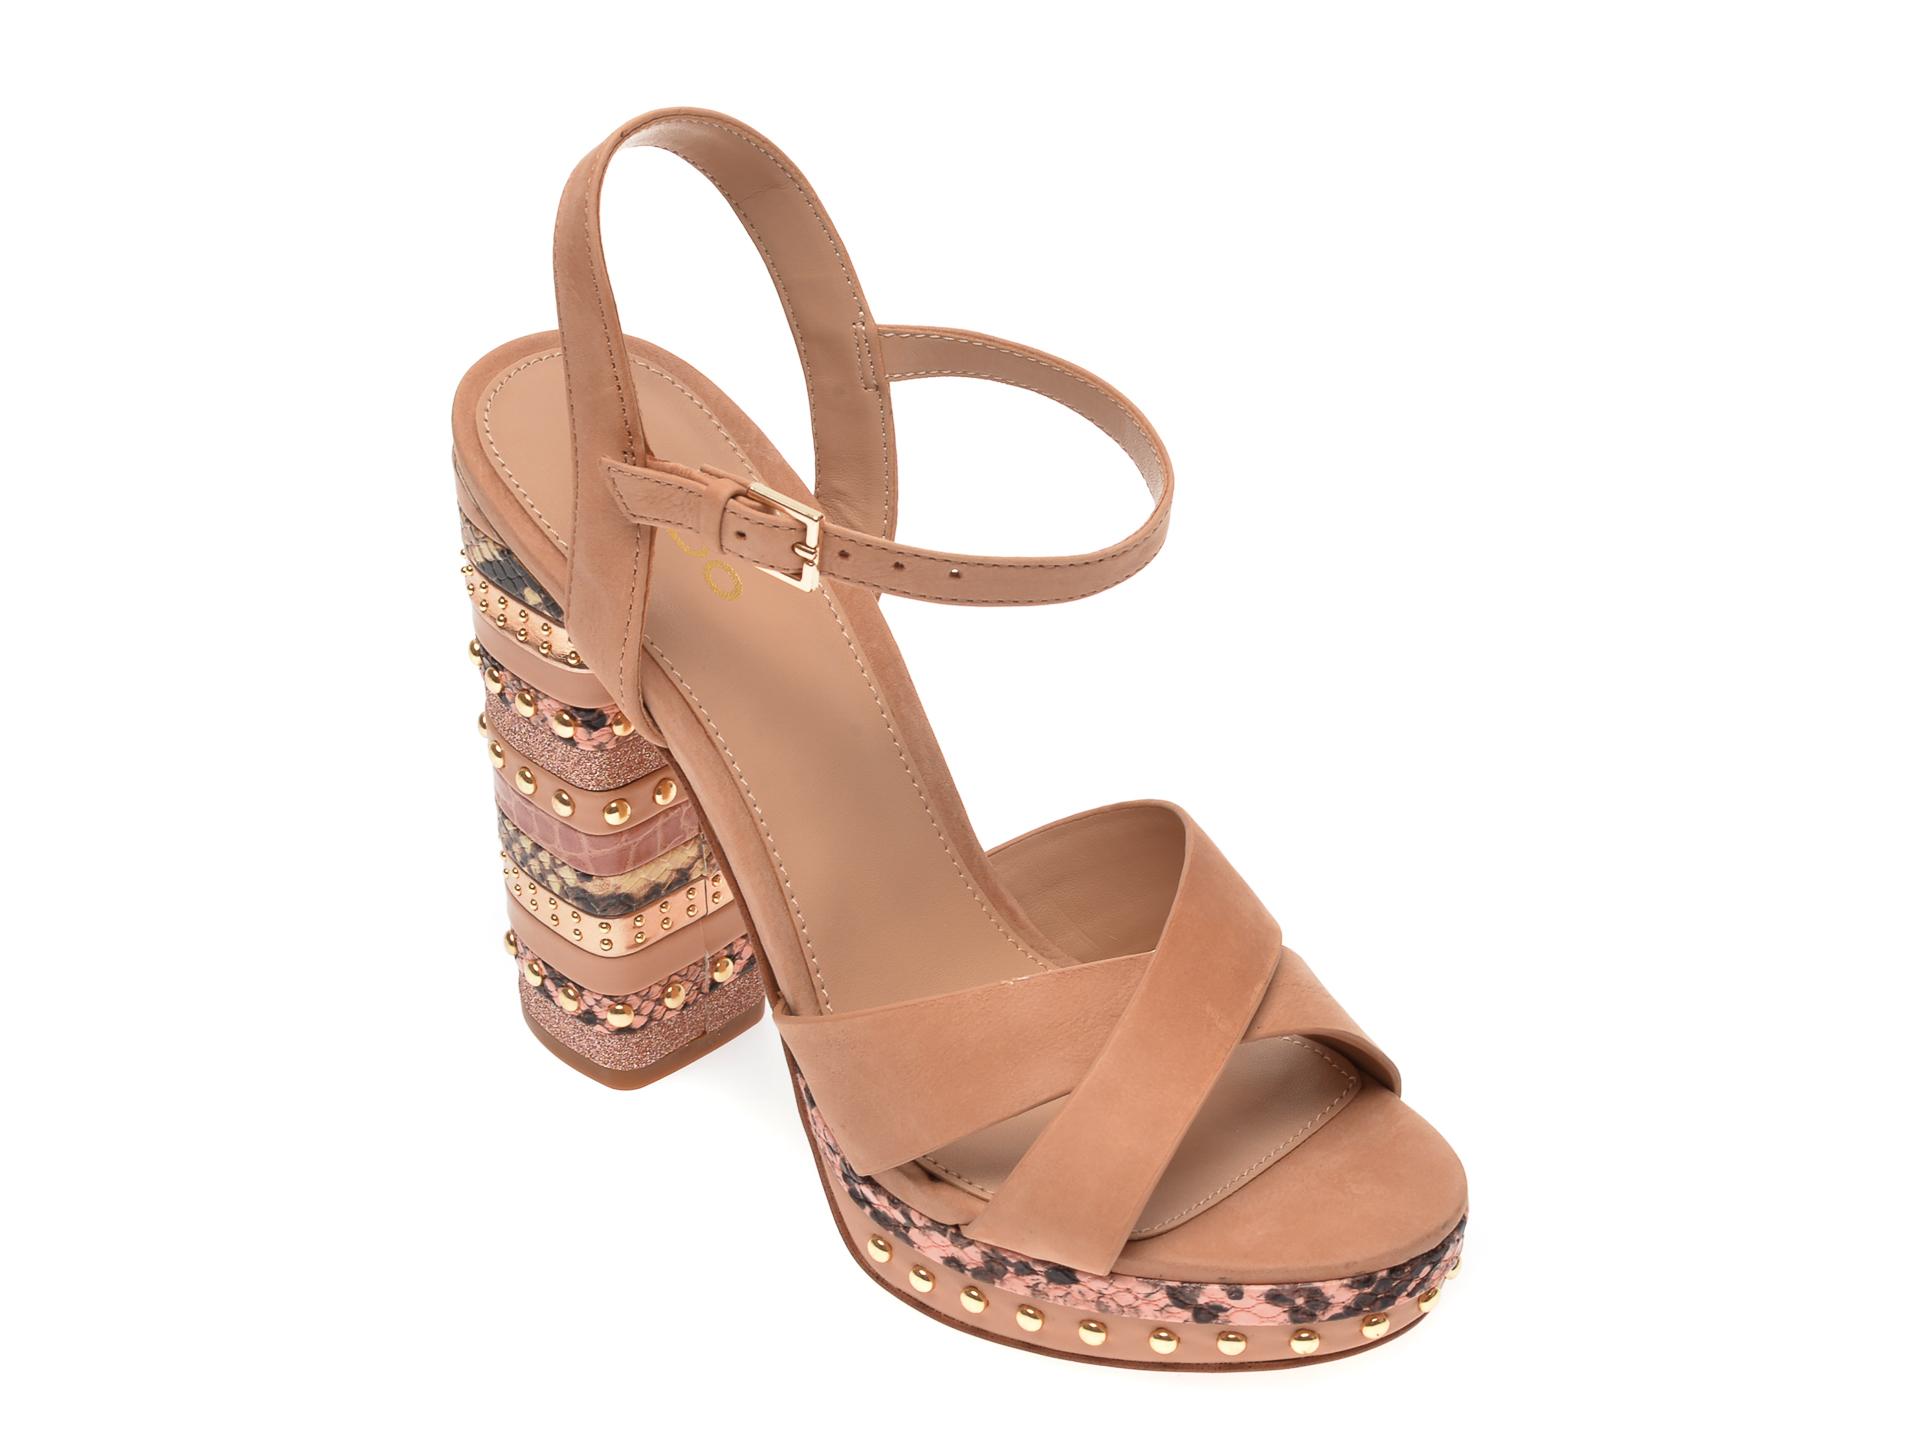 Sandale ALDO nude, Hugs270, din nabuc